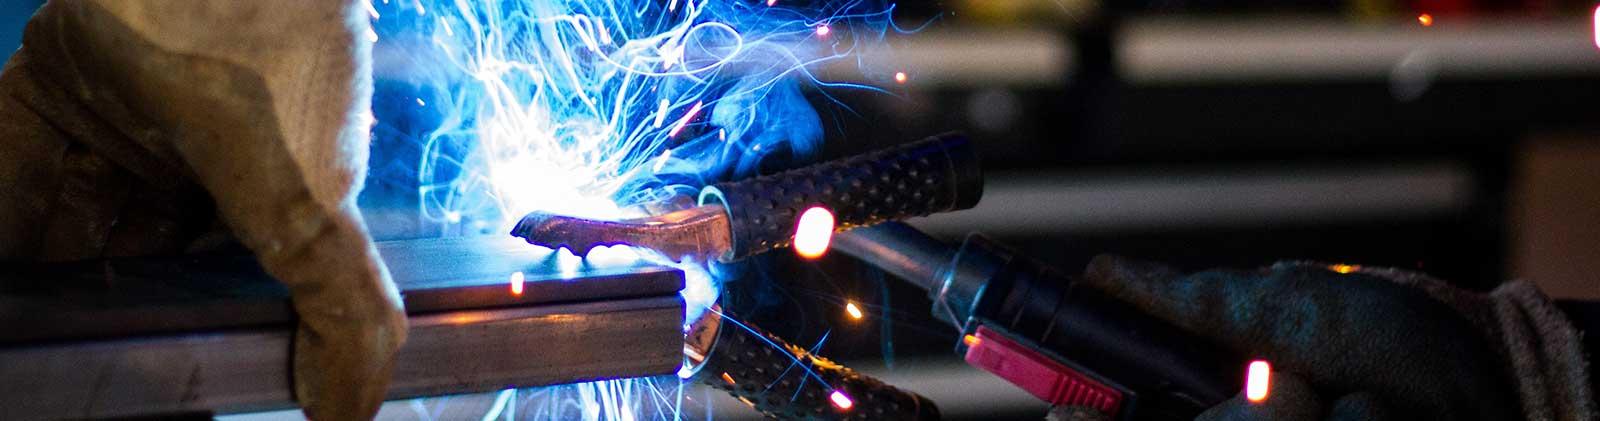 Über die SMV Straub Metallverarbeitung